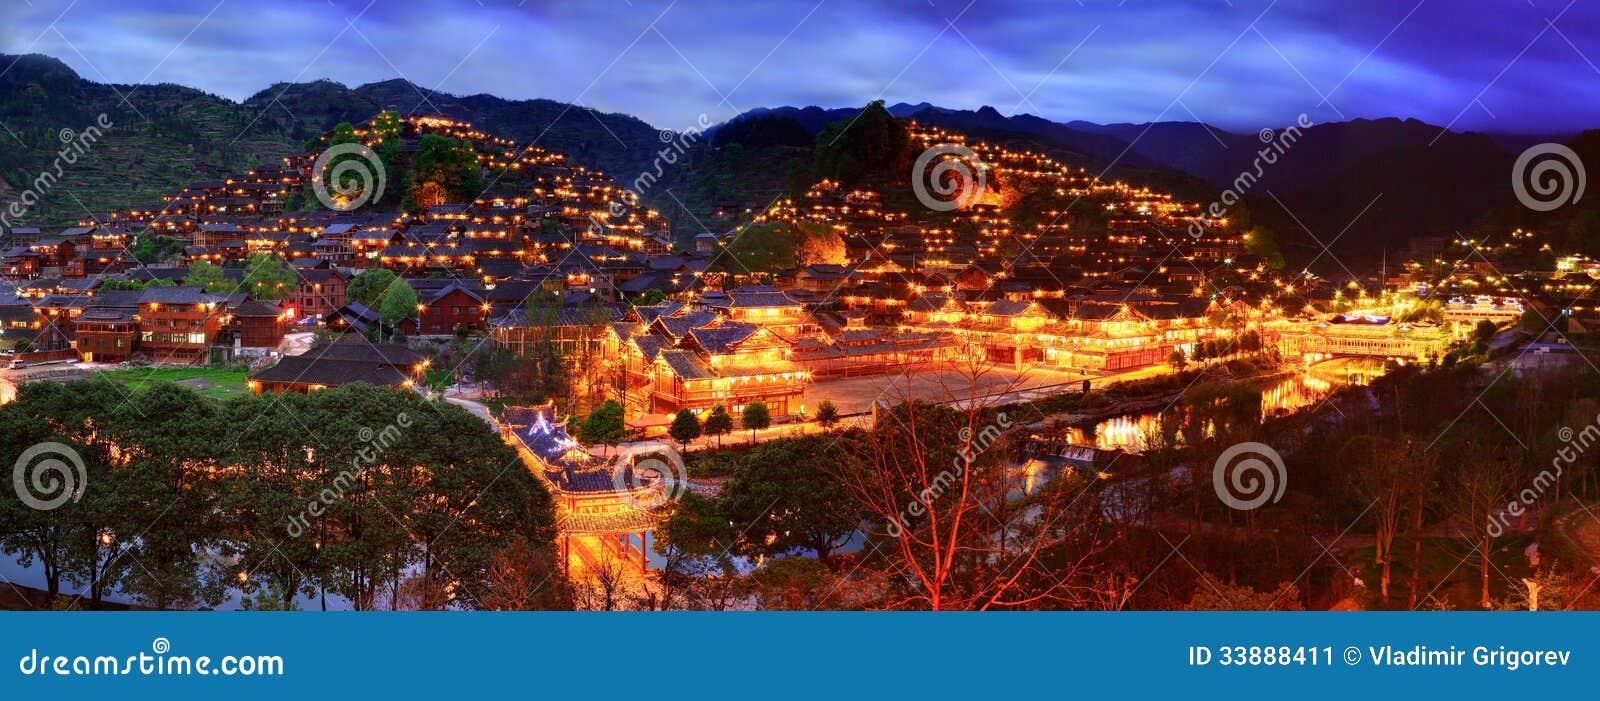 Nachtmening van het grote etnische dorp in Zuidwestenchina.